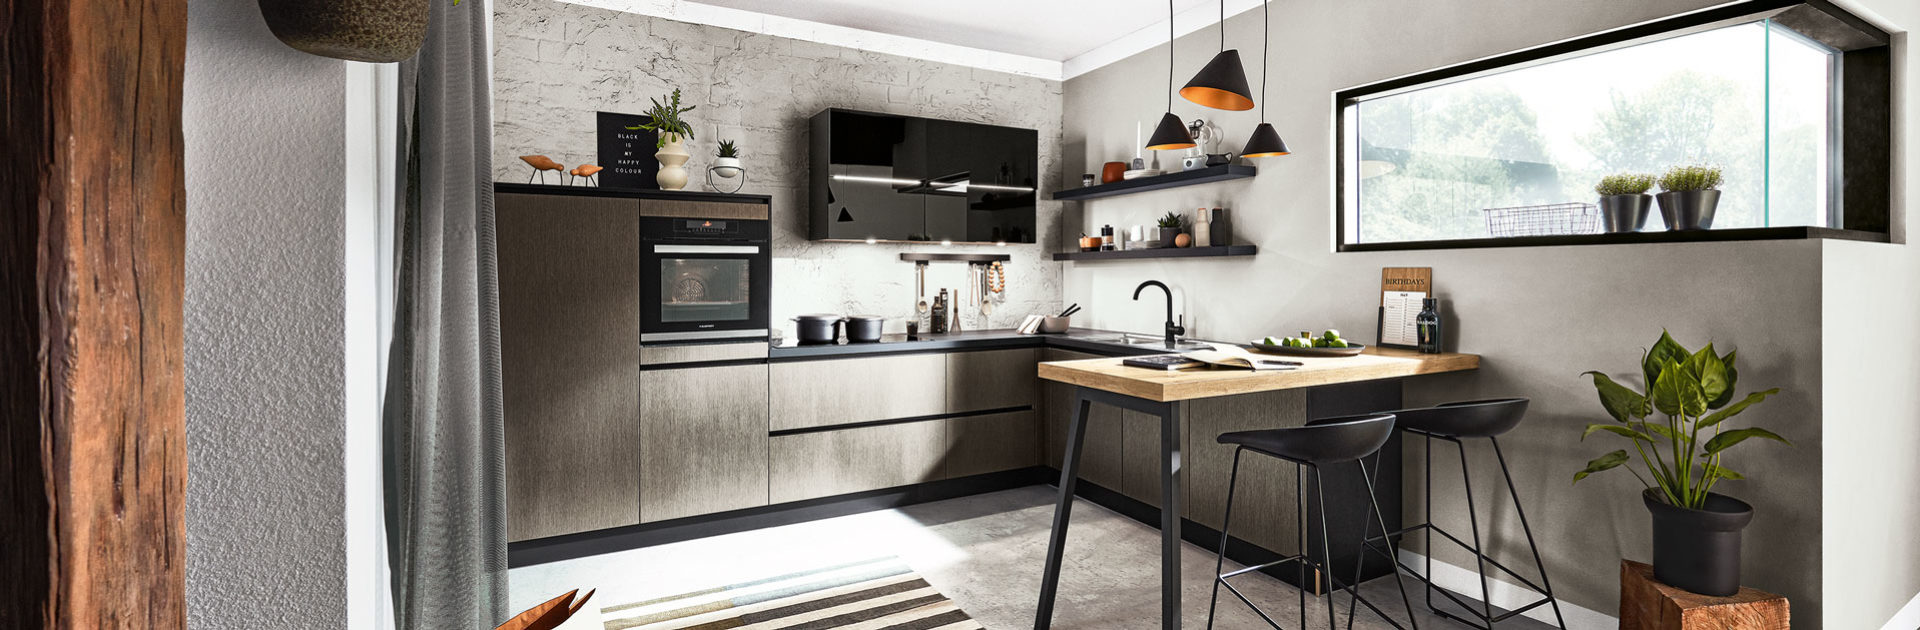 Leuke Keuken Ideeen.Leuke Ideeen Voor Een Stijlvolle Keukenwand Satink Keukens